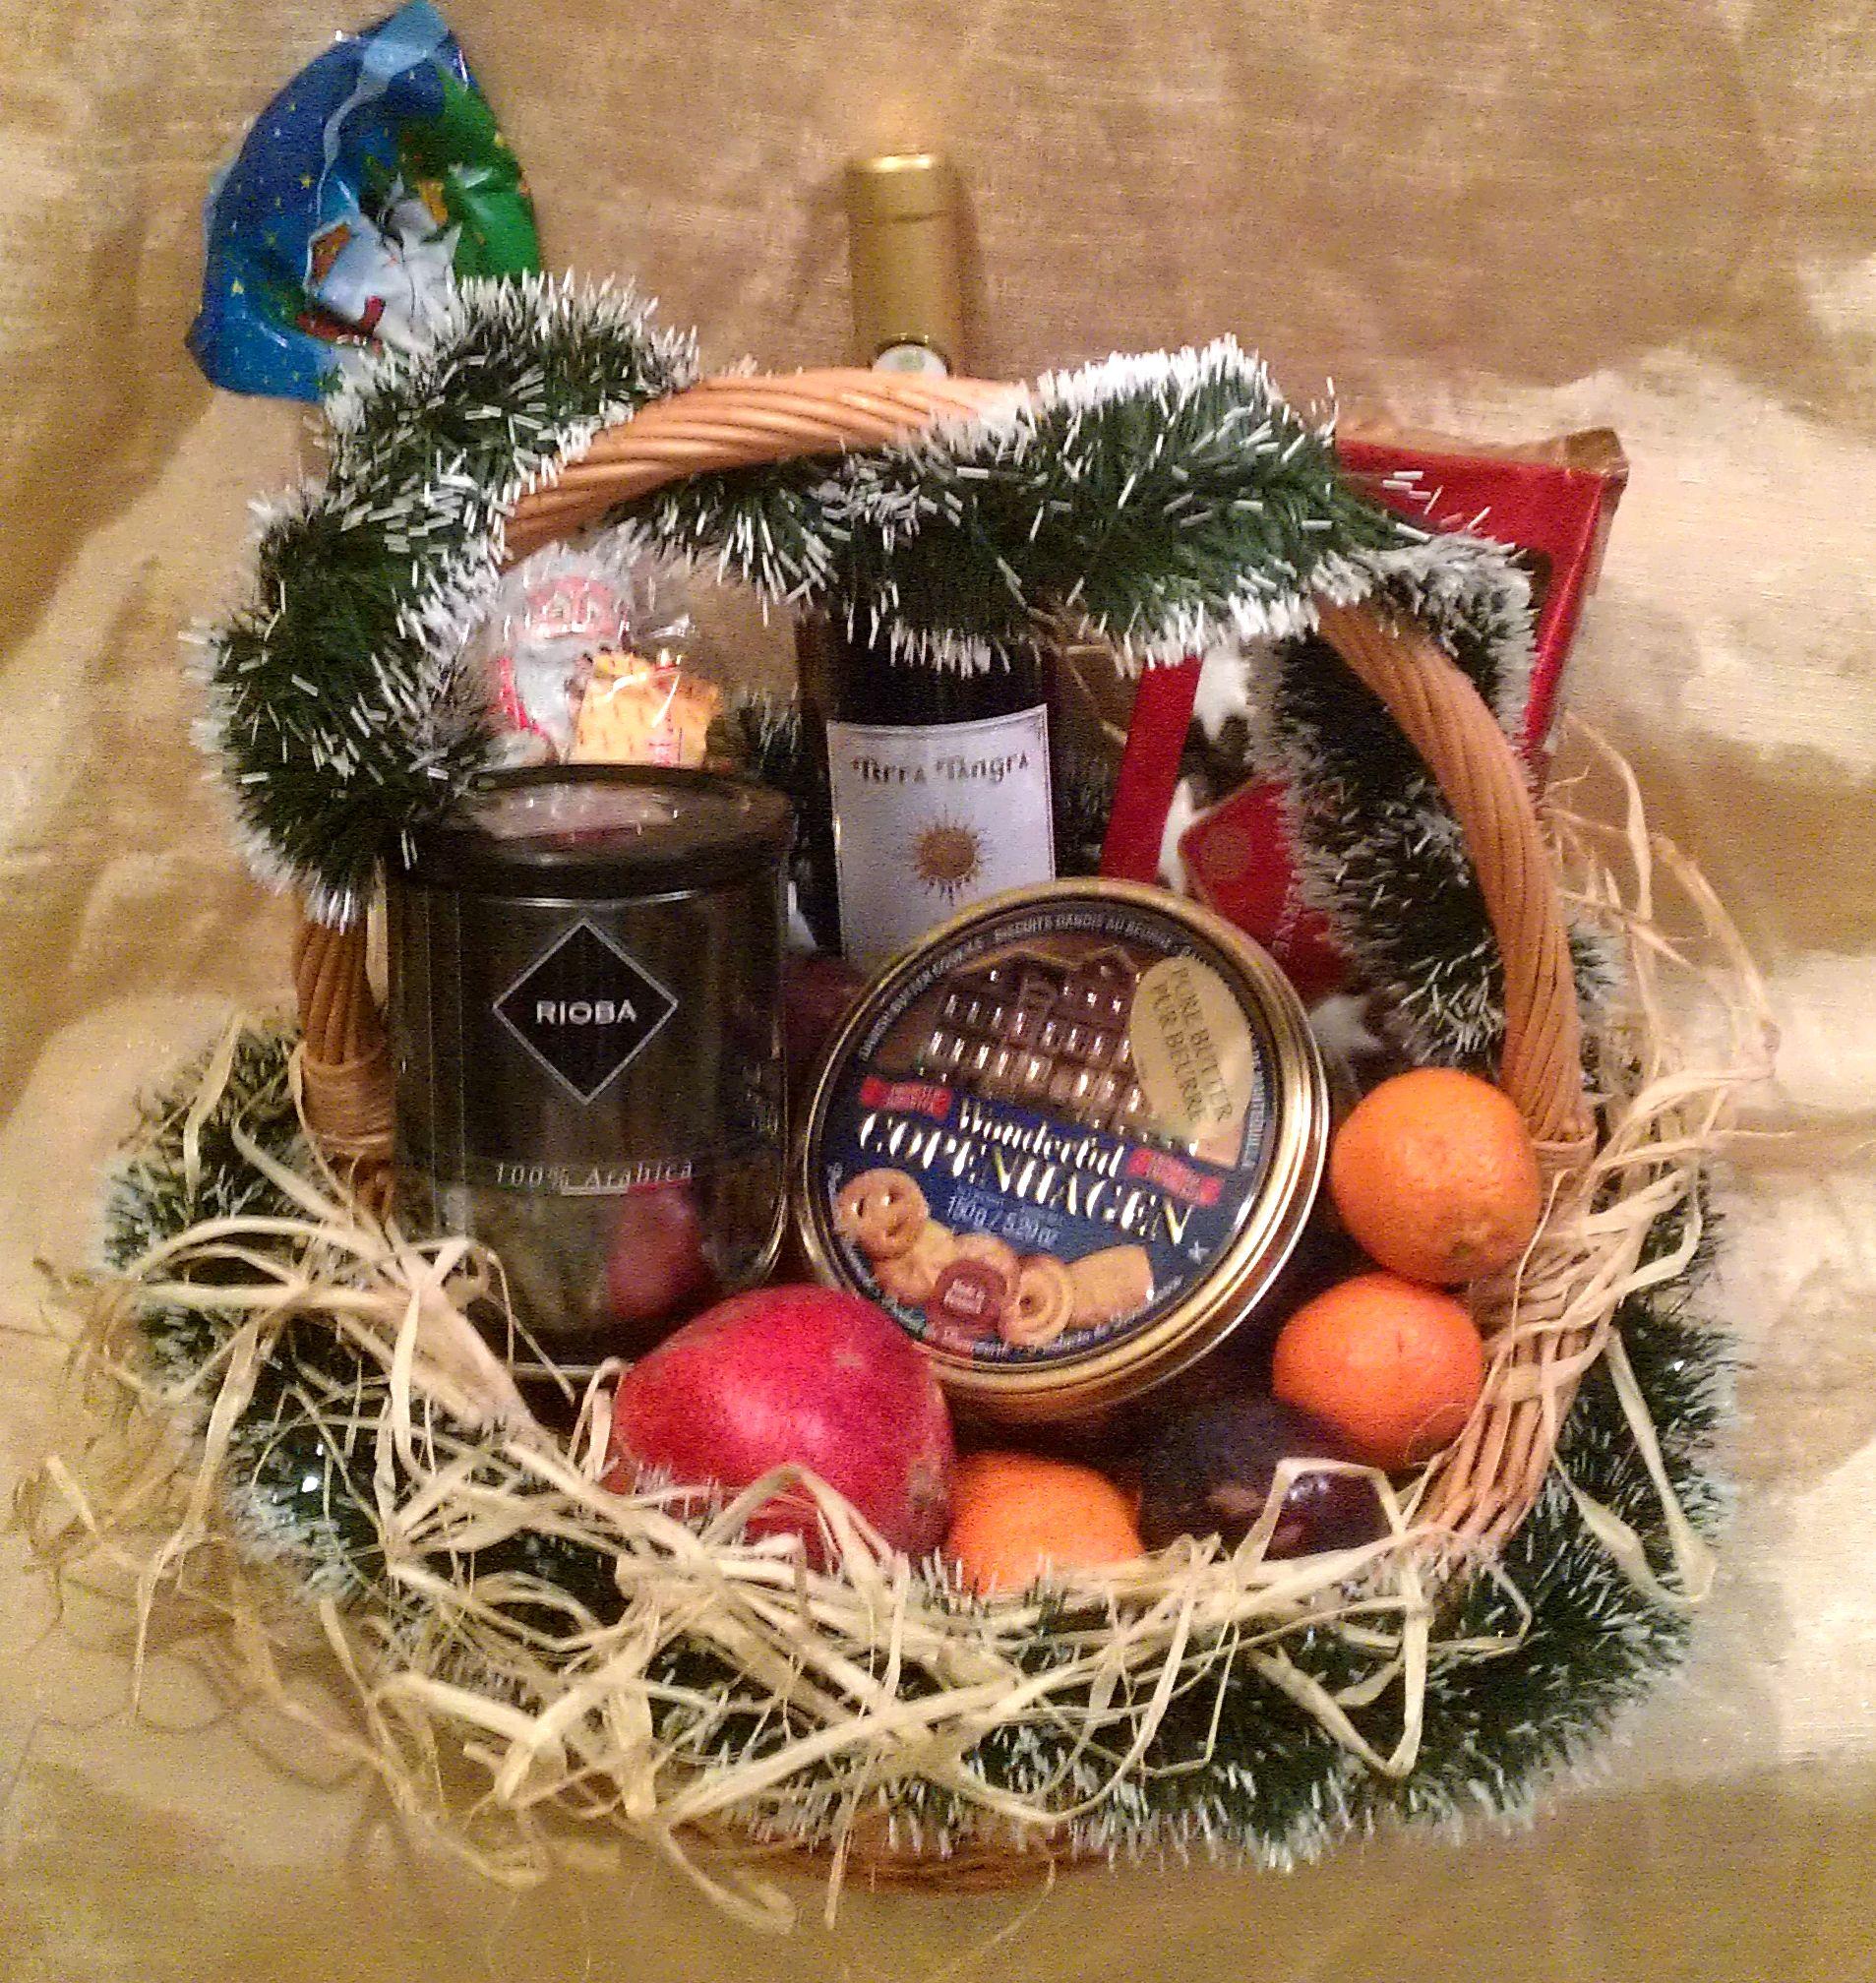 коледна кошница, коледни кошници, коледа, кошници, кошница с плодове, кошници с плодове